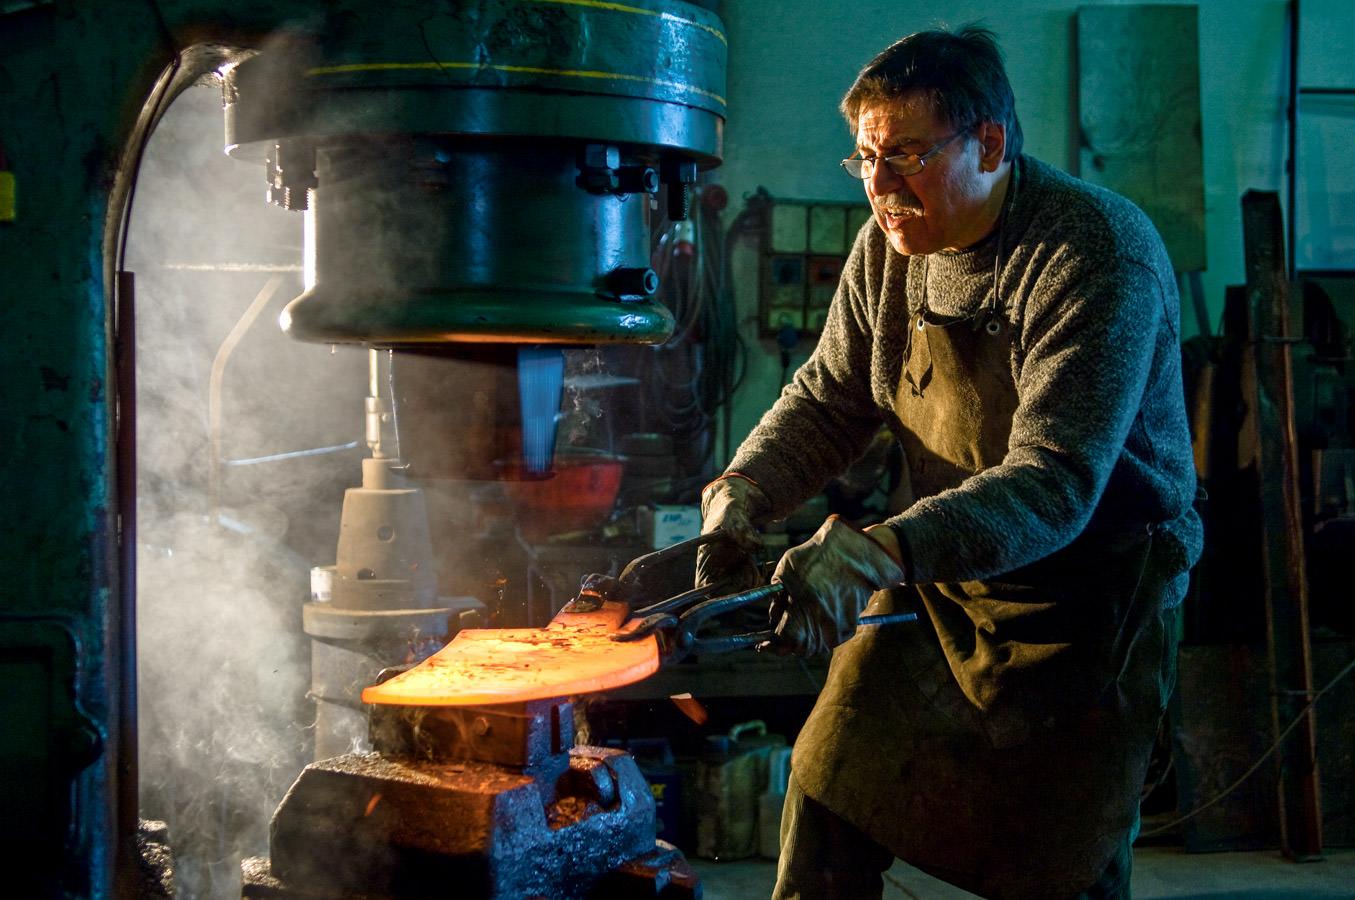 Le forgeron qui travaille au fer de proue de la gondole